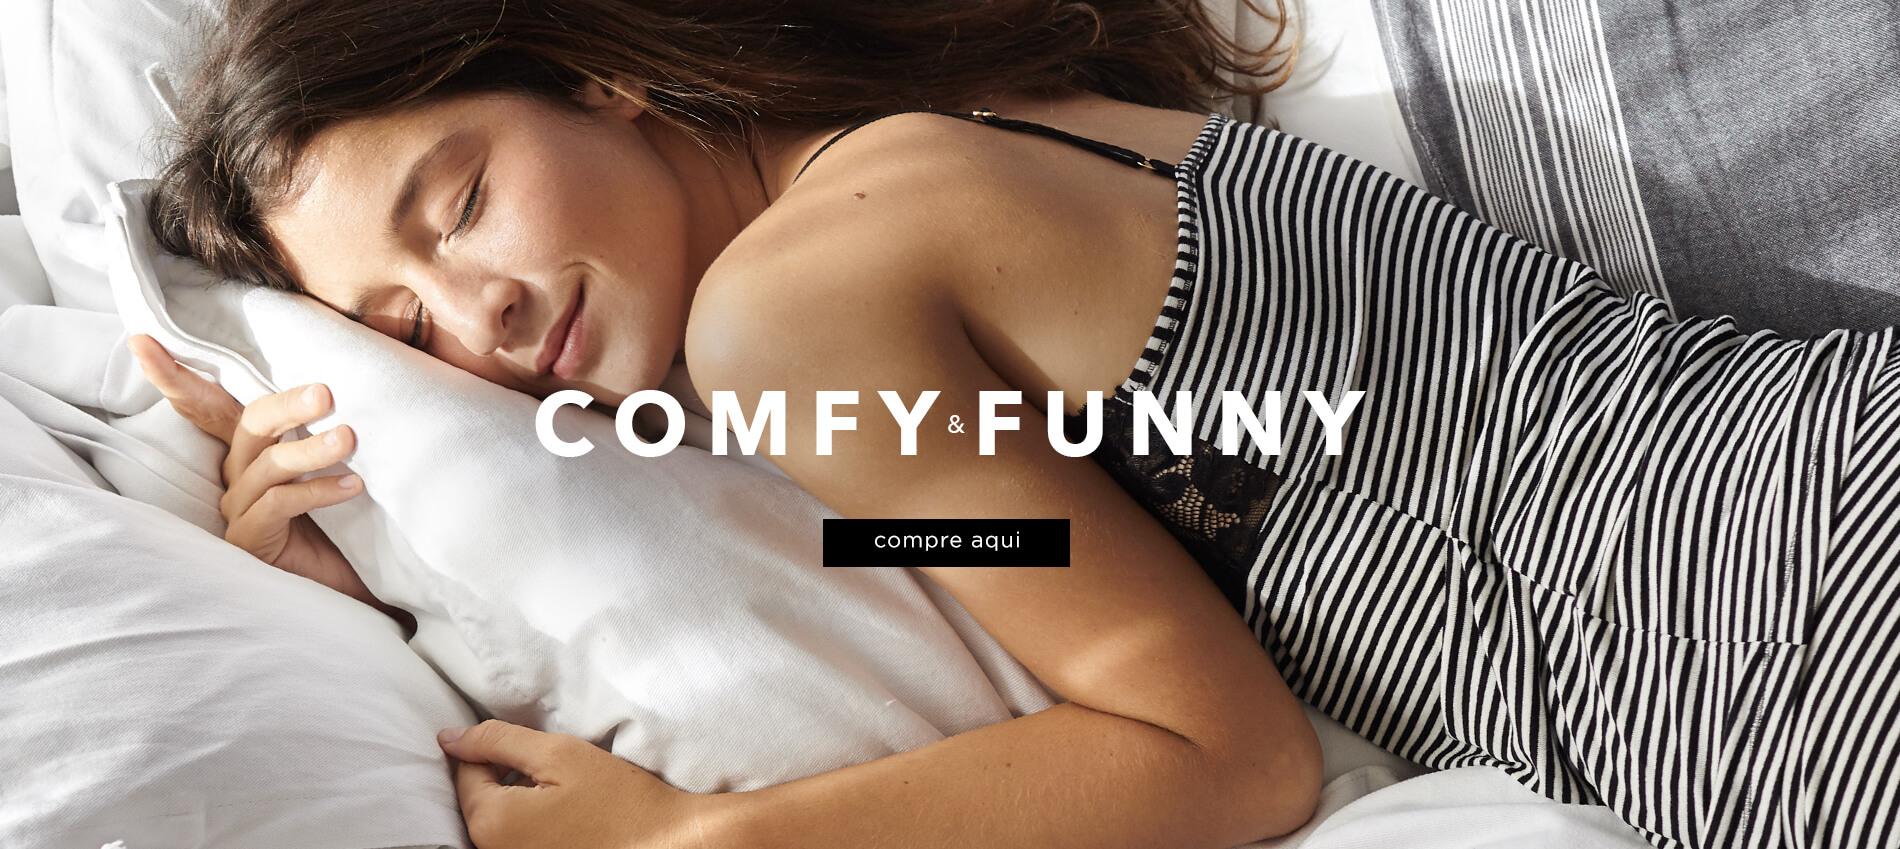 Comfy funny